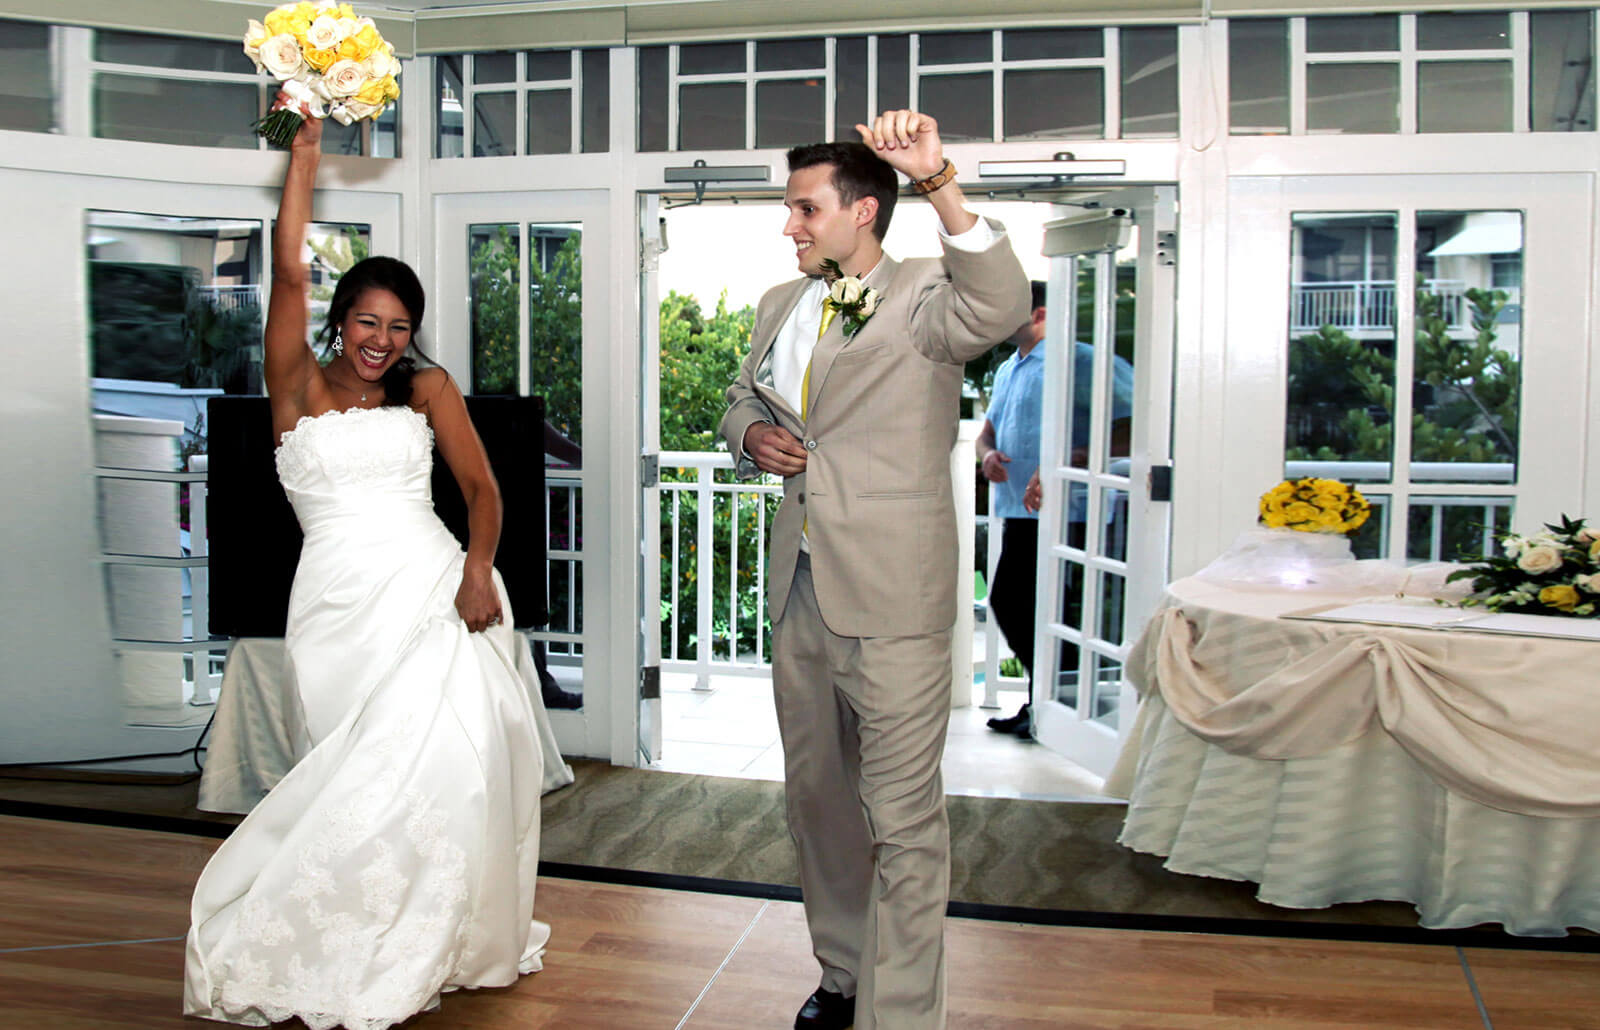 como-presentar-pareja-recepcion-boda.jpg